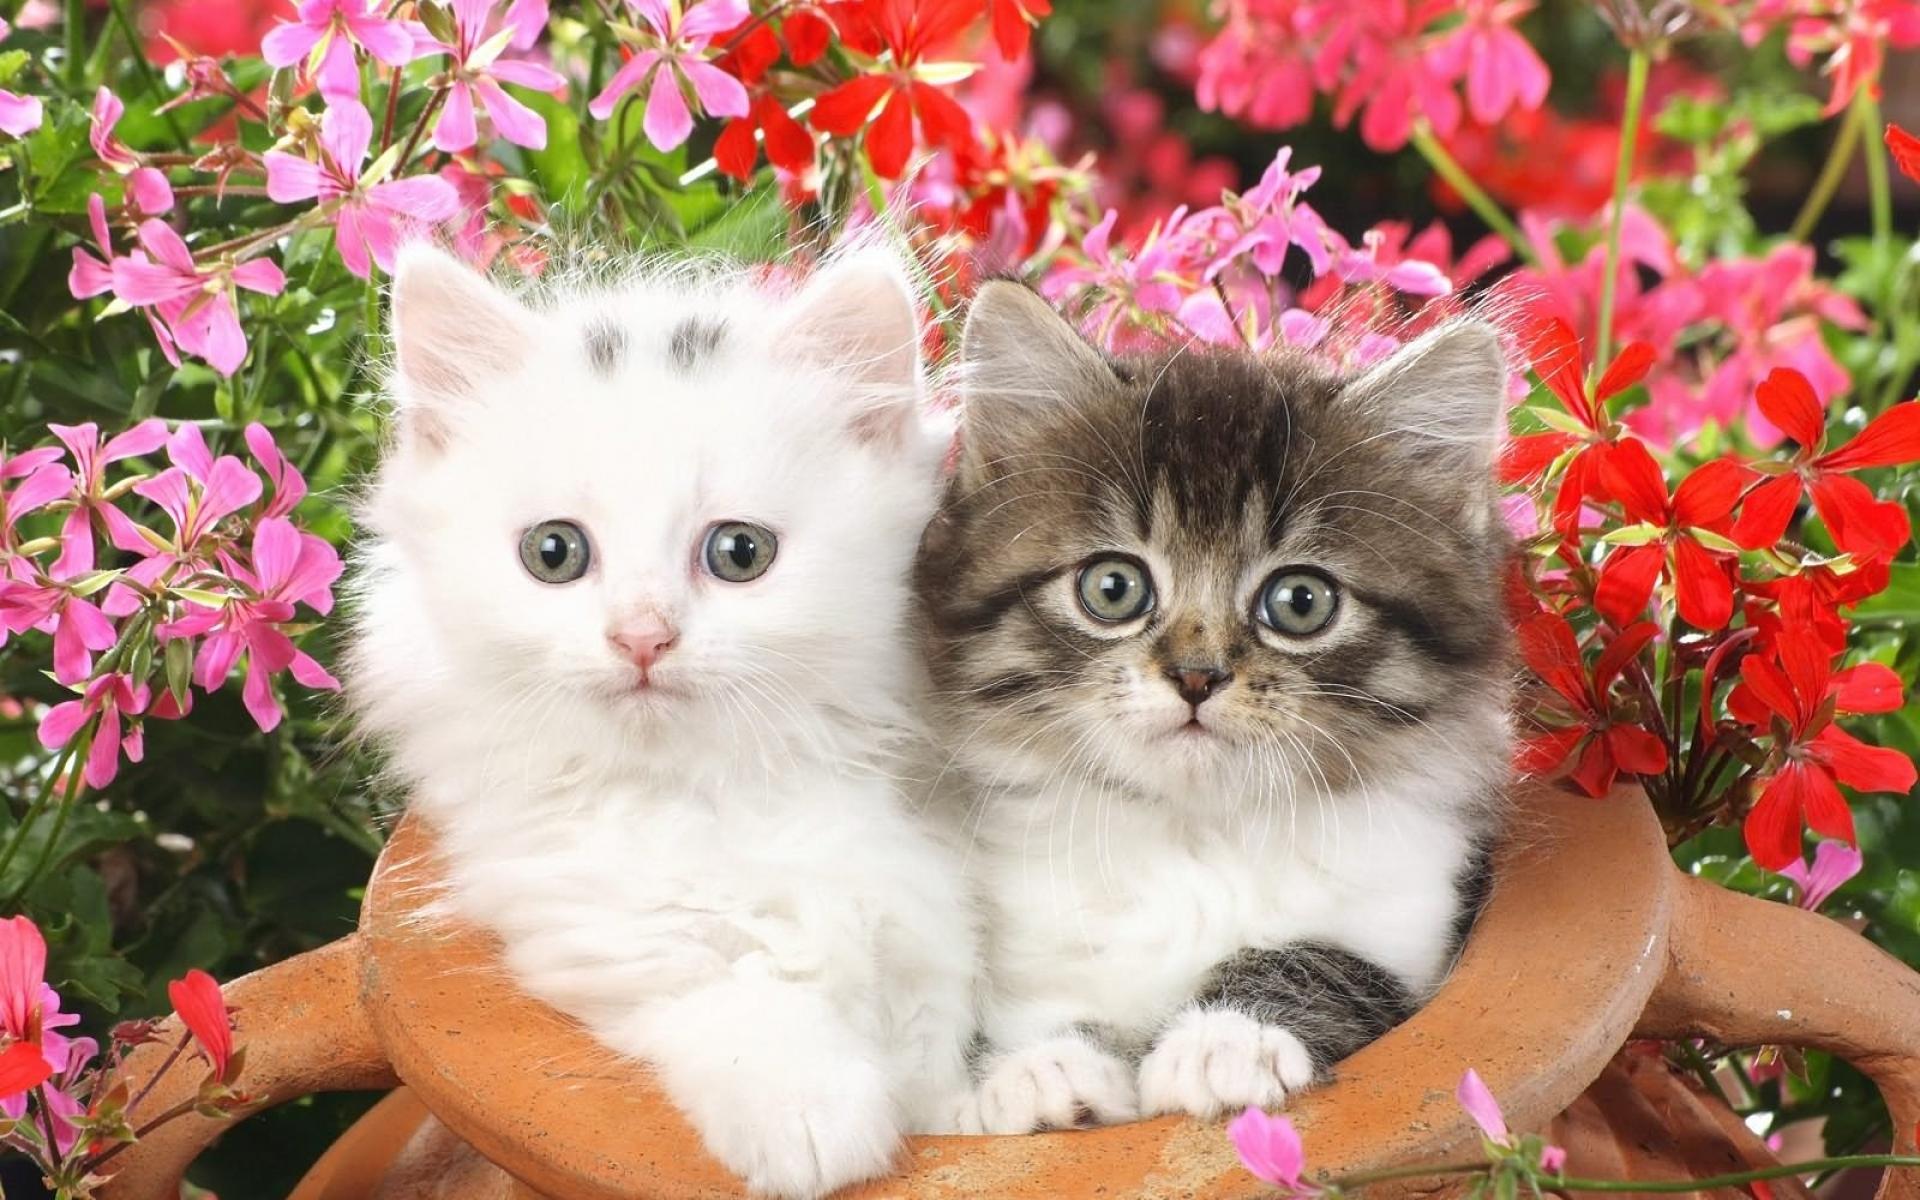 Картинки Котята, паровой горшок, цветы фото и обои на рабочий стол